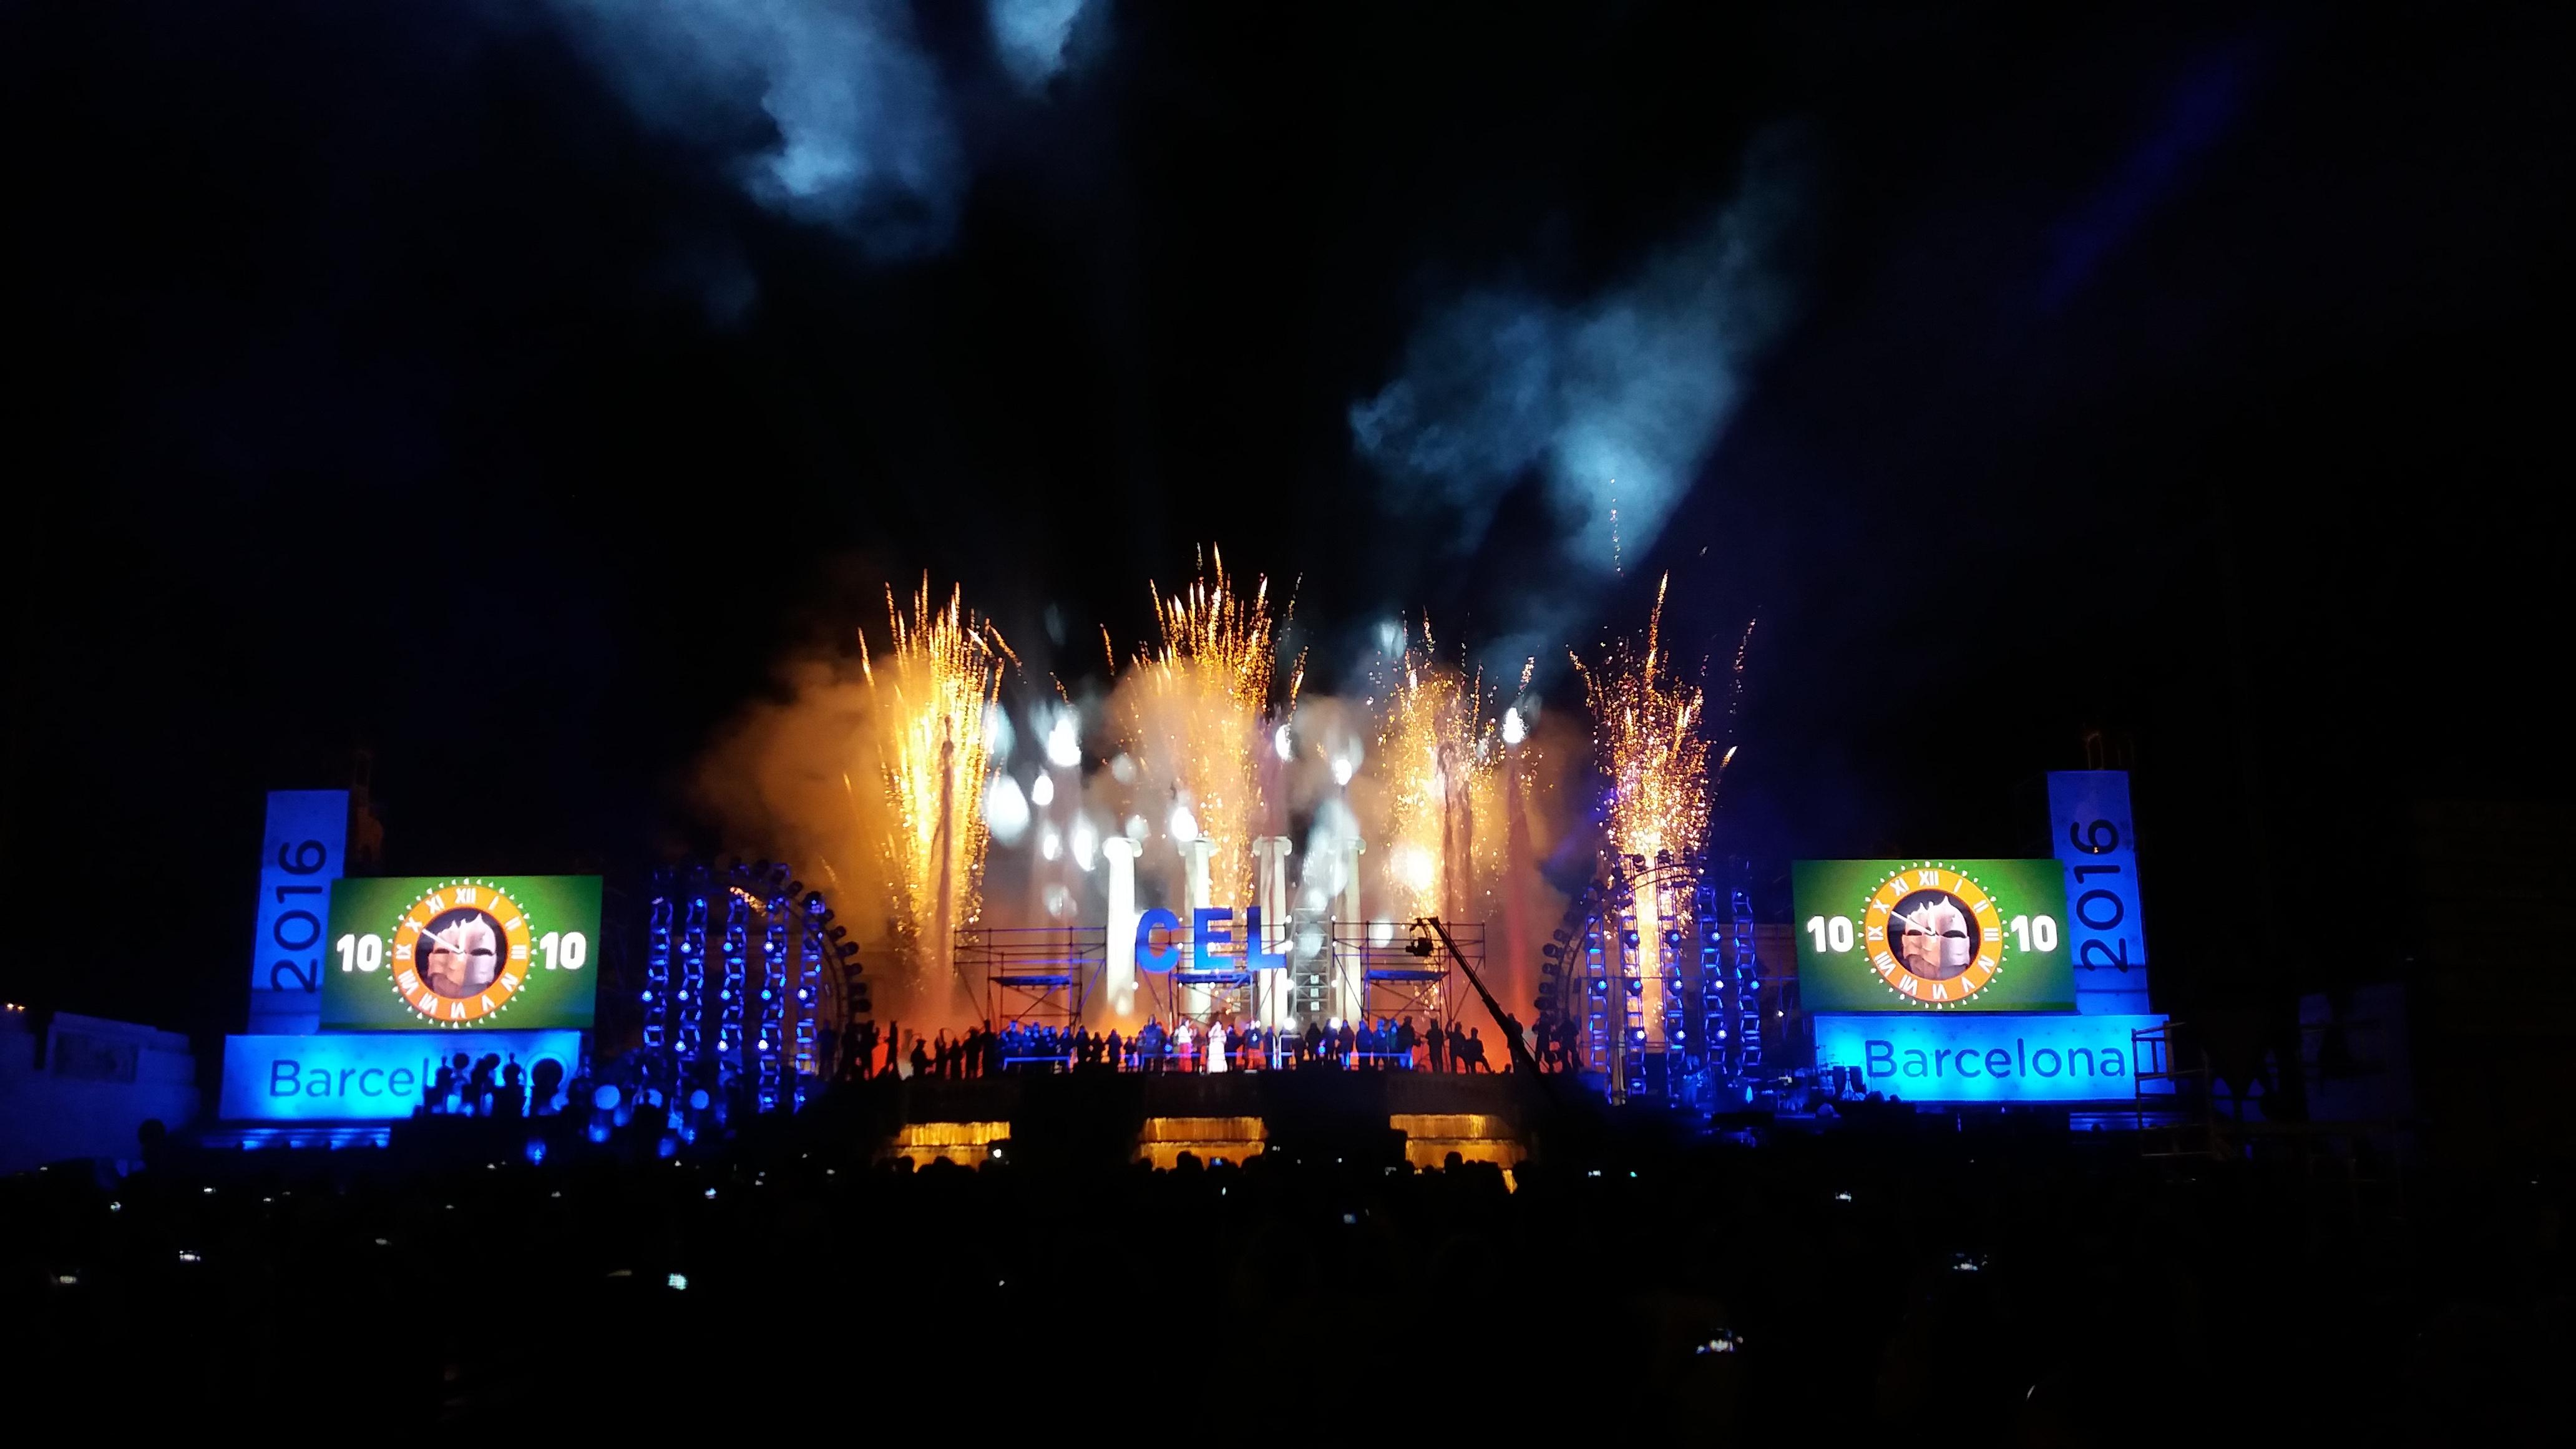 Barcelona d na la benvinguda al nou any 2016 cultura popular - Agenda cultura barcelona ...